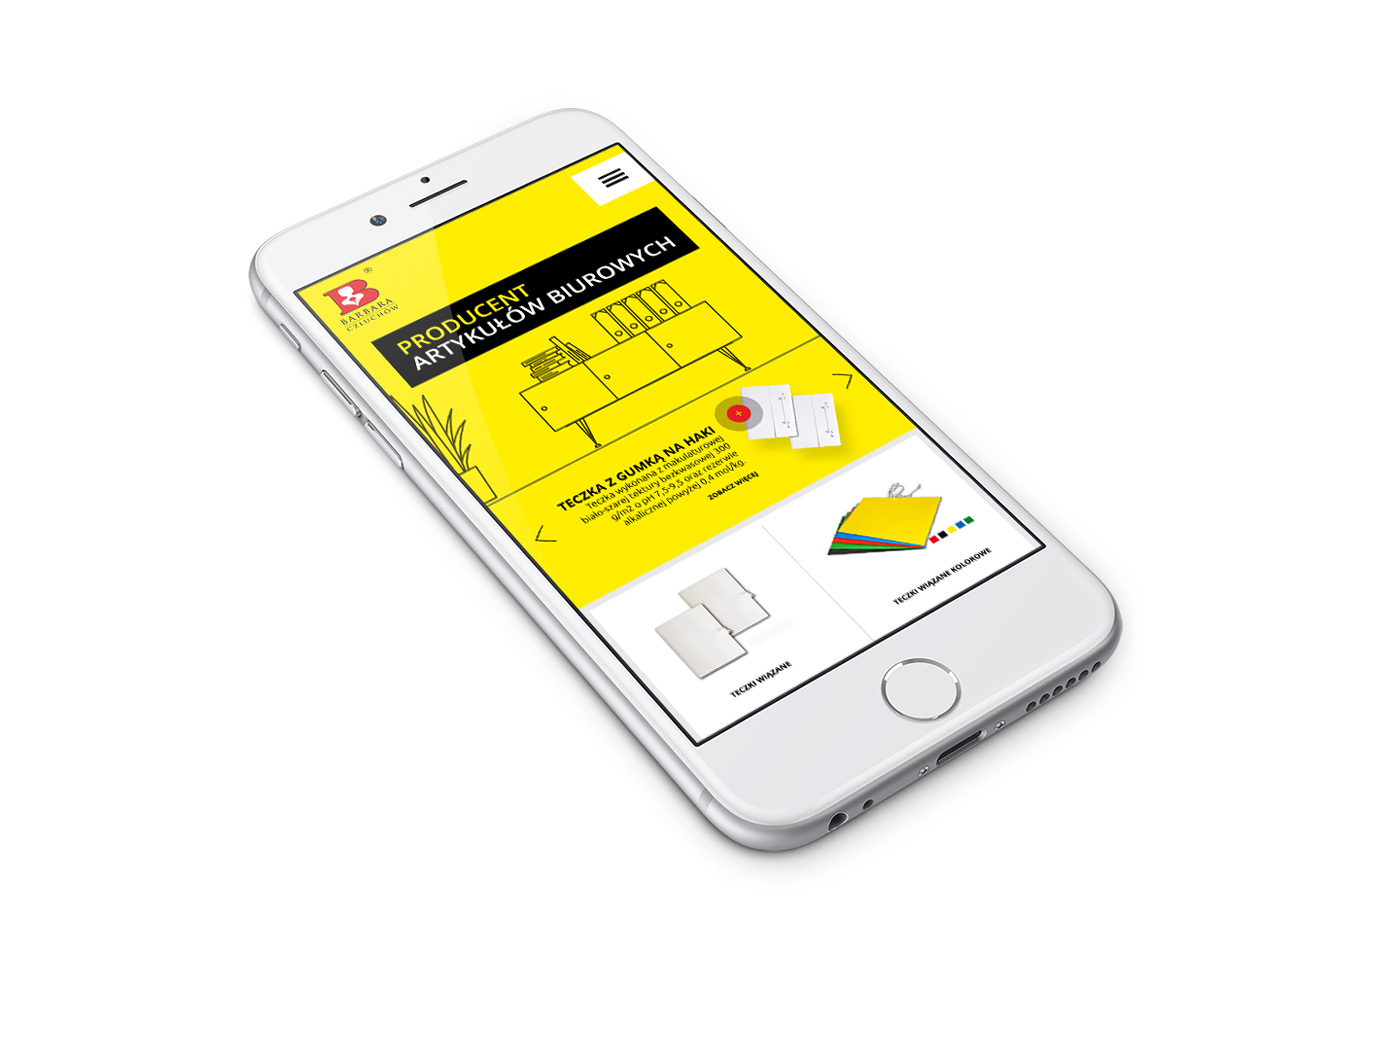 Mobilna, responsywna wersja strony internetowej firmy Barbara Sp. J. z Człuchowa